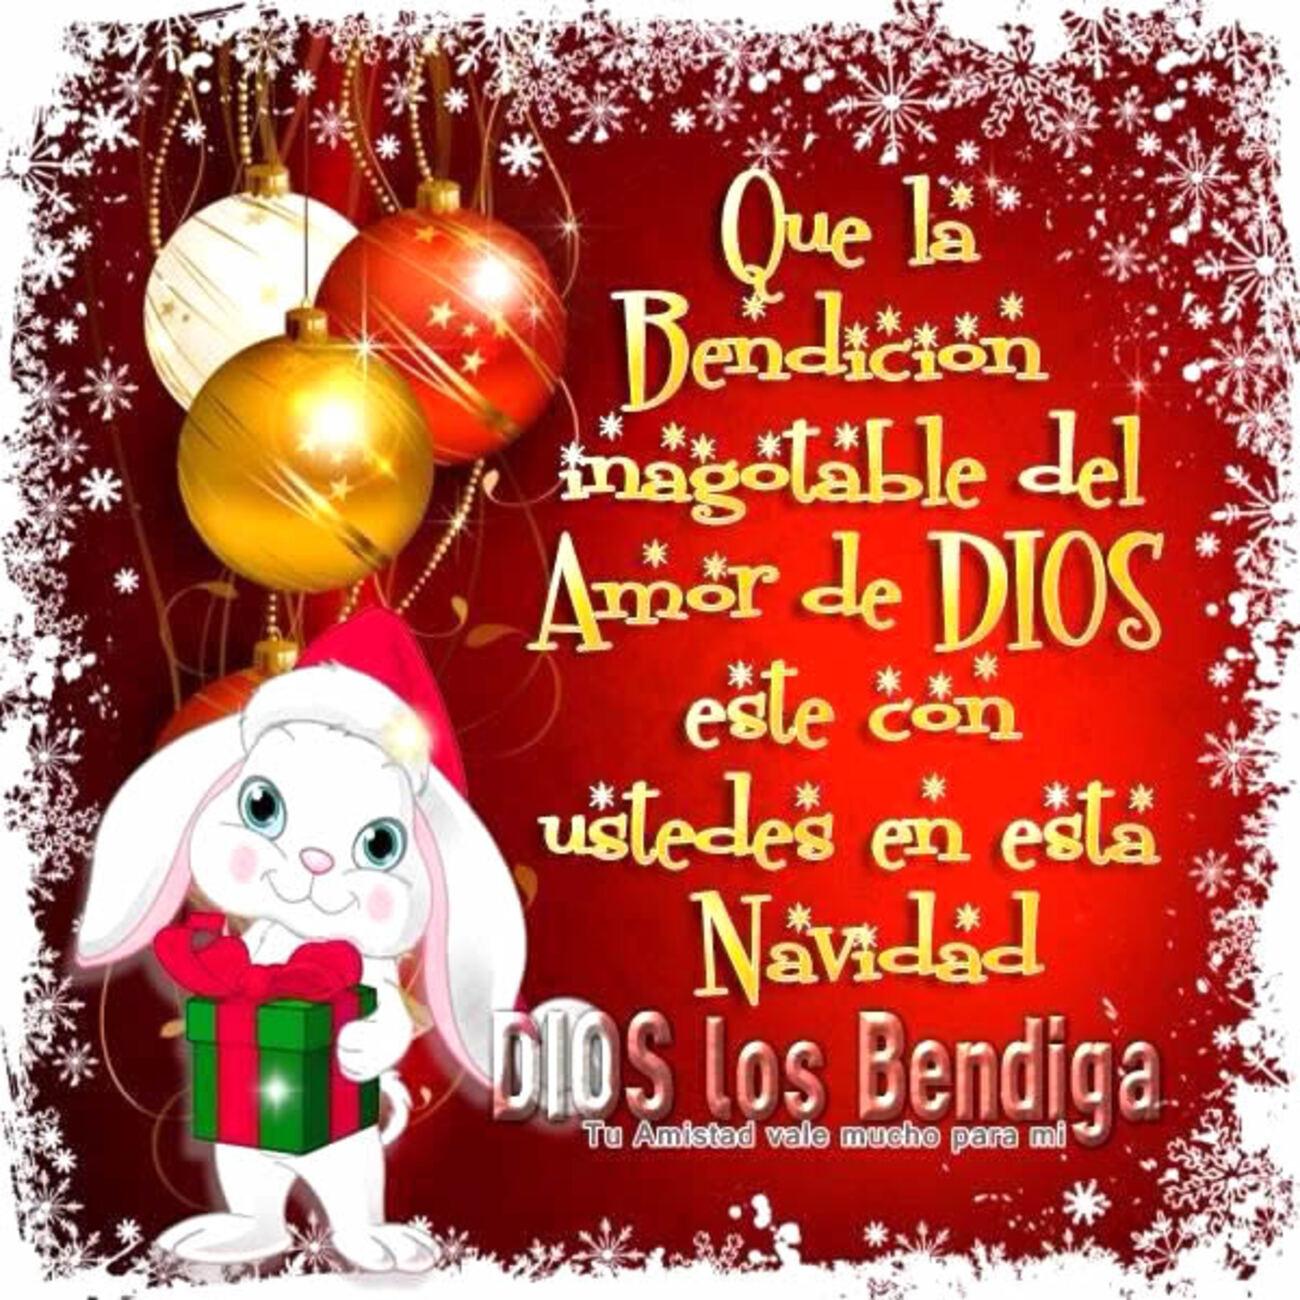 Que la bendición inagotable del amor de Dios este con ustedes en esta Navidad. Dios los bendiga